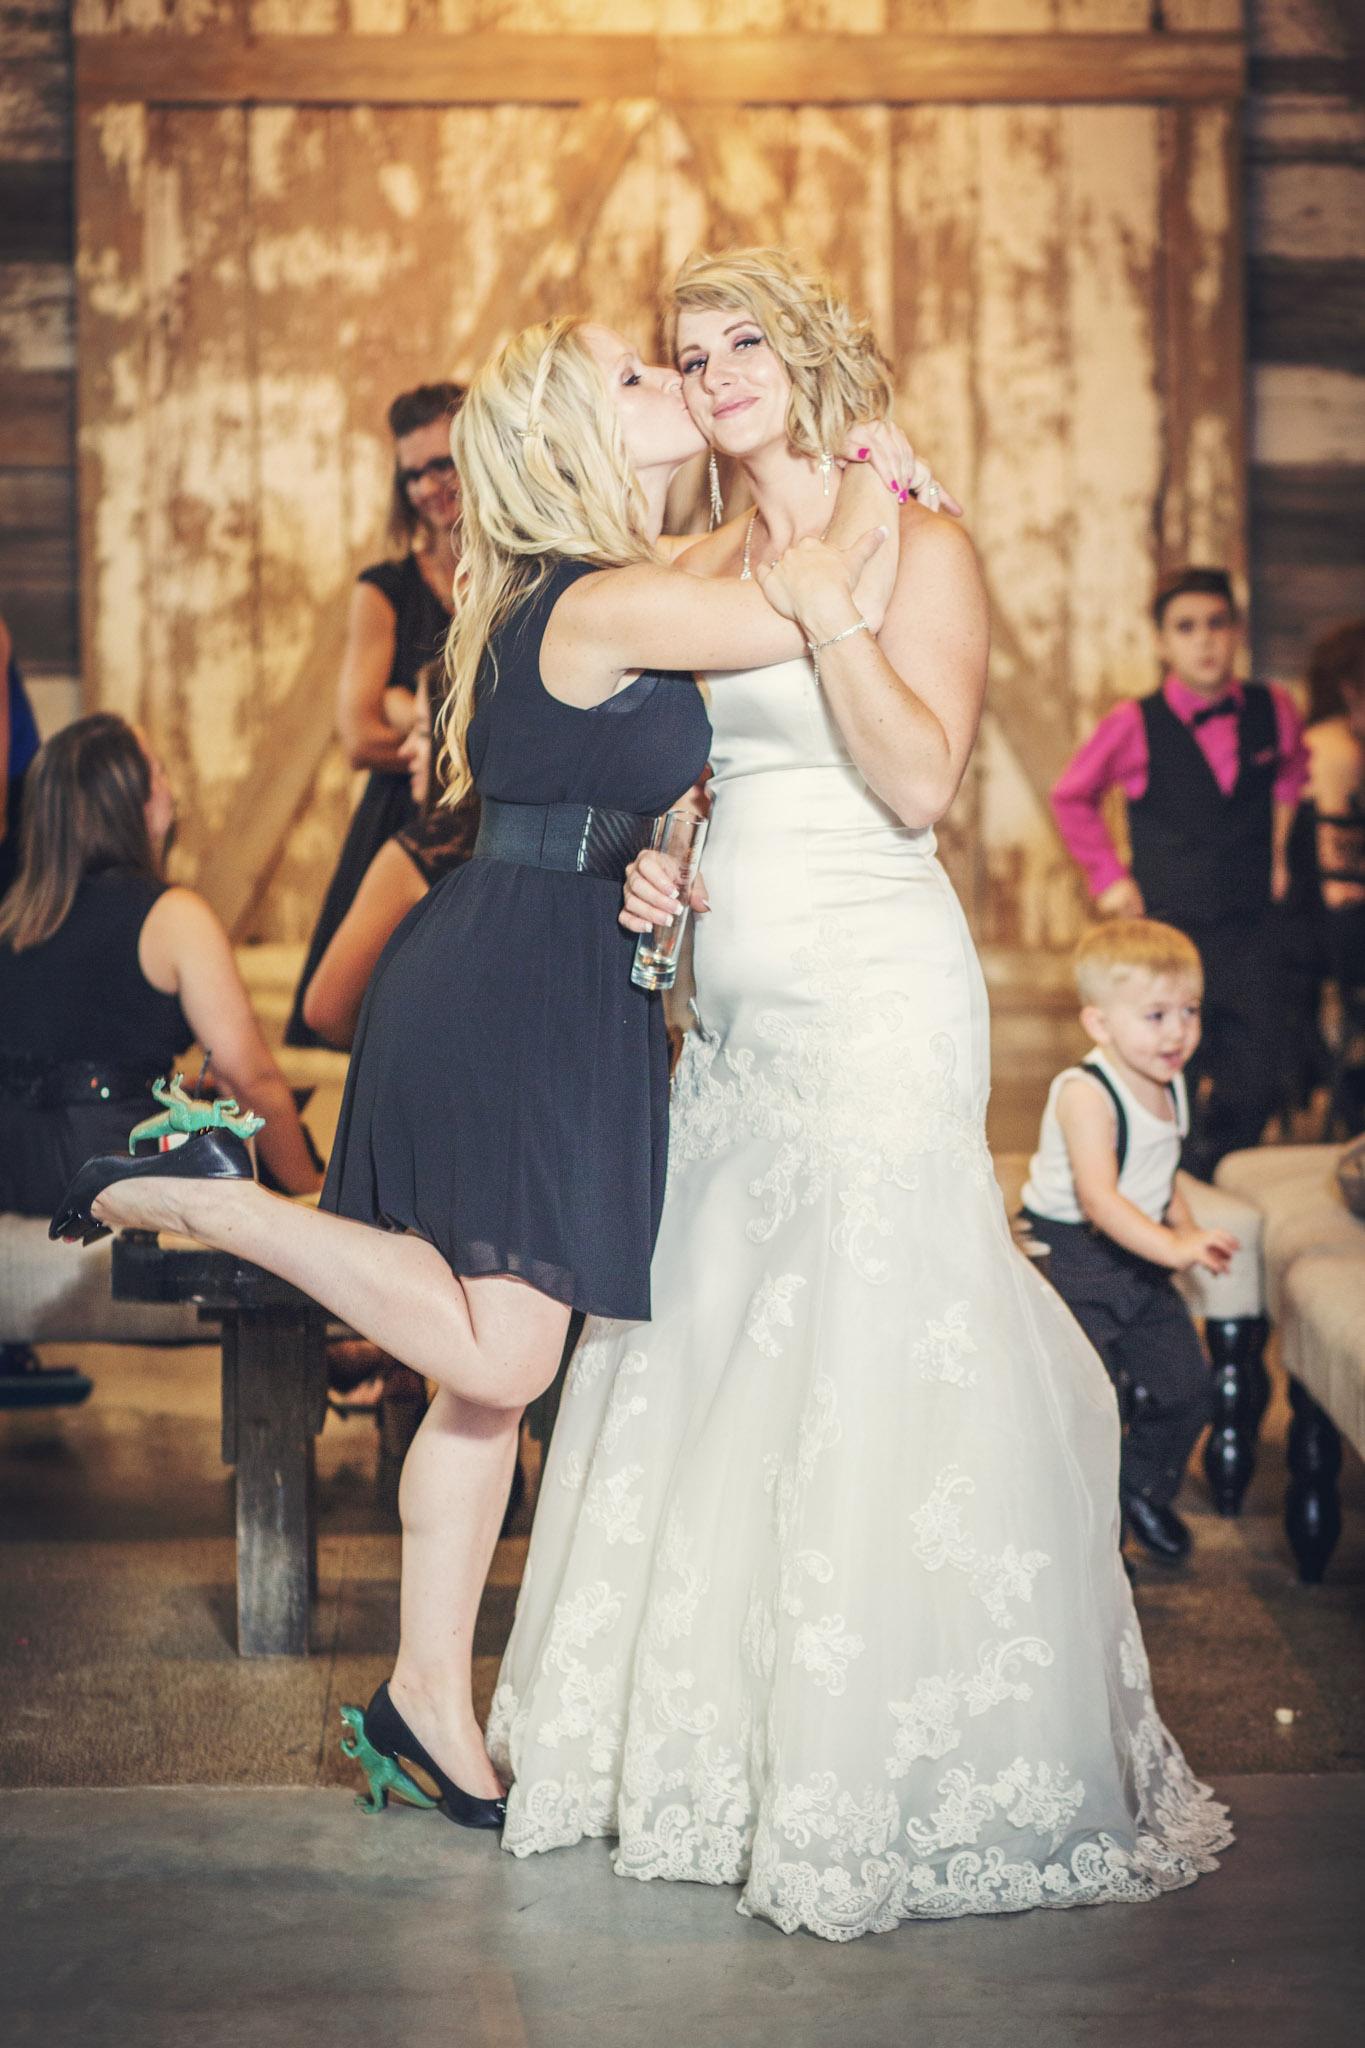 Kansas+City-Small+Wedding-Elope_Intimate_Ceremony_Melanie+David-26.jpg